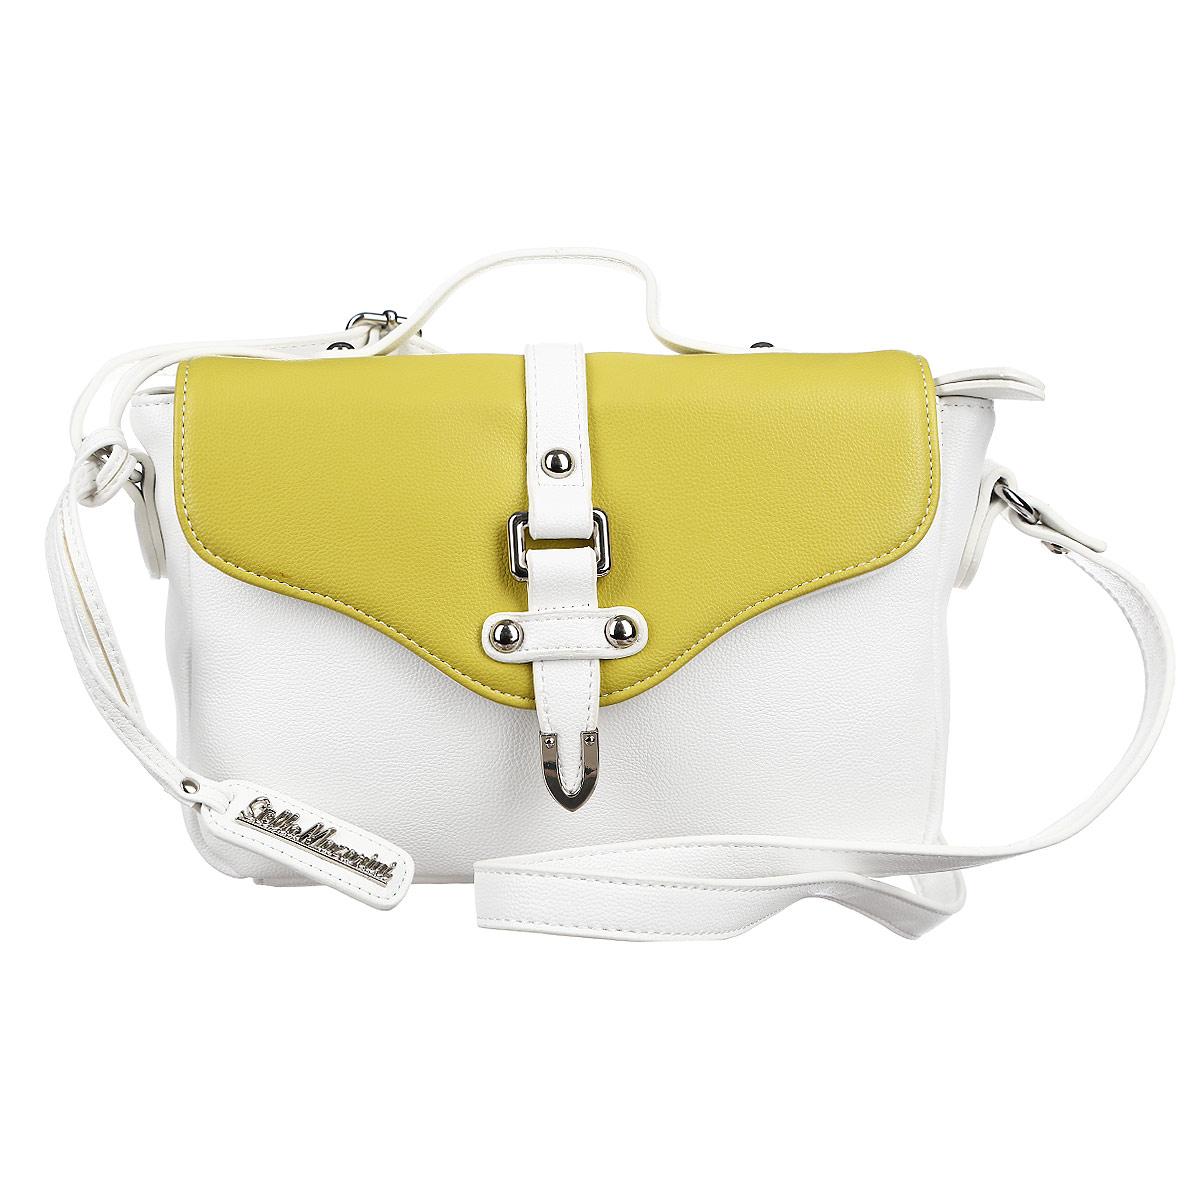 Сумка женская Stella Mazarini, цвет: белый, зеленый. 12-R38550CA-B86-05-CВместительная сумка, выполненная из высококачественной искусственной кожи. Модель закрывается на молнию, на задней стенке открытый карман, прилагается длинный ремень. Внутри одно основное отделение с большим карманом на молнии, а также внутренние карманы для документов и мобильного телефона, один из которых защищен застежкой на кнопке. Такая сумка позволит вам подчеркнуть свой стиль и особенный статус.